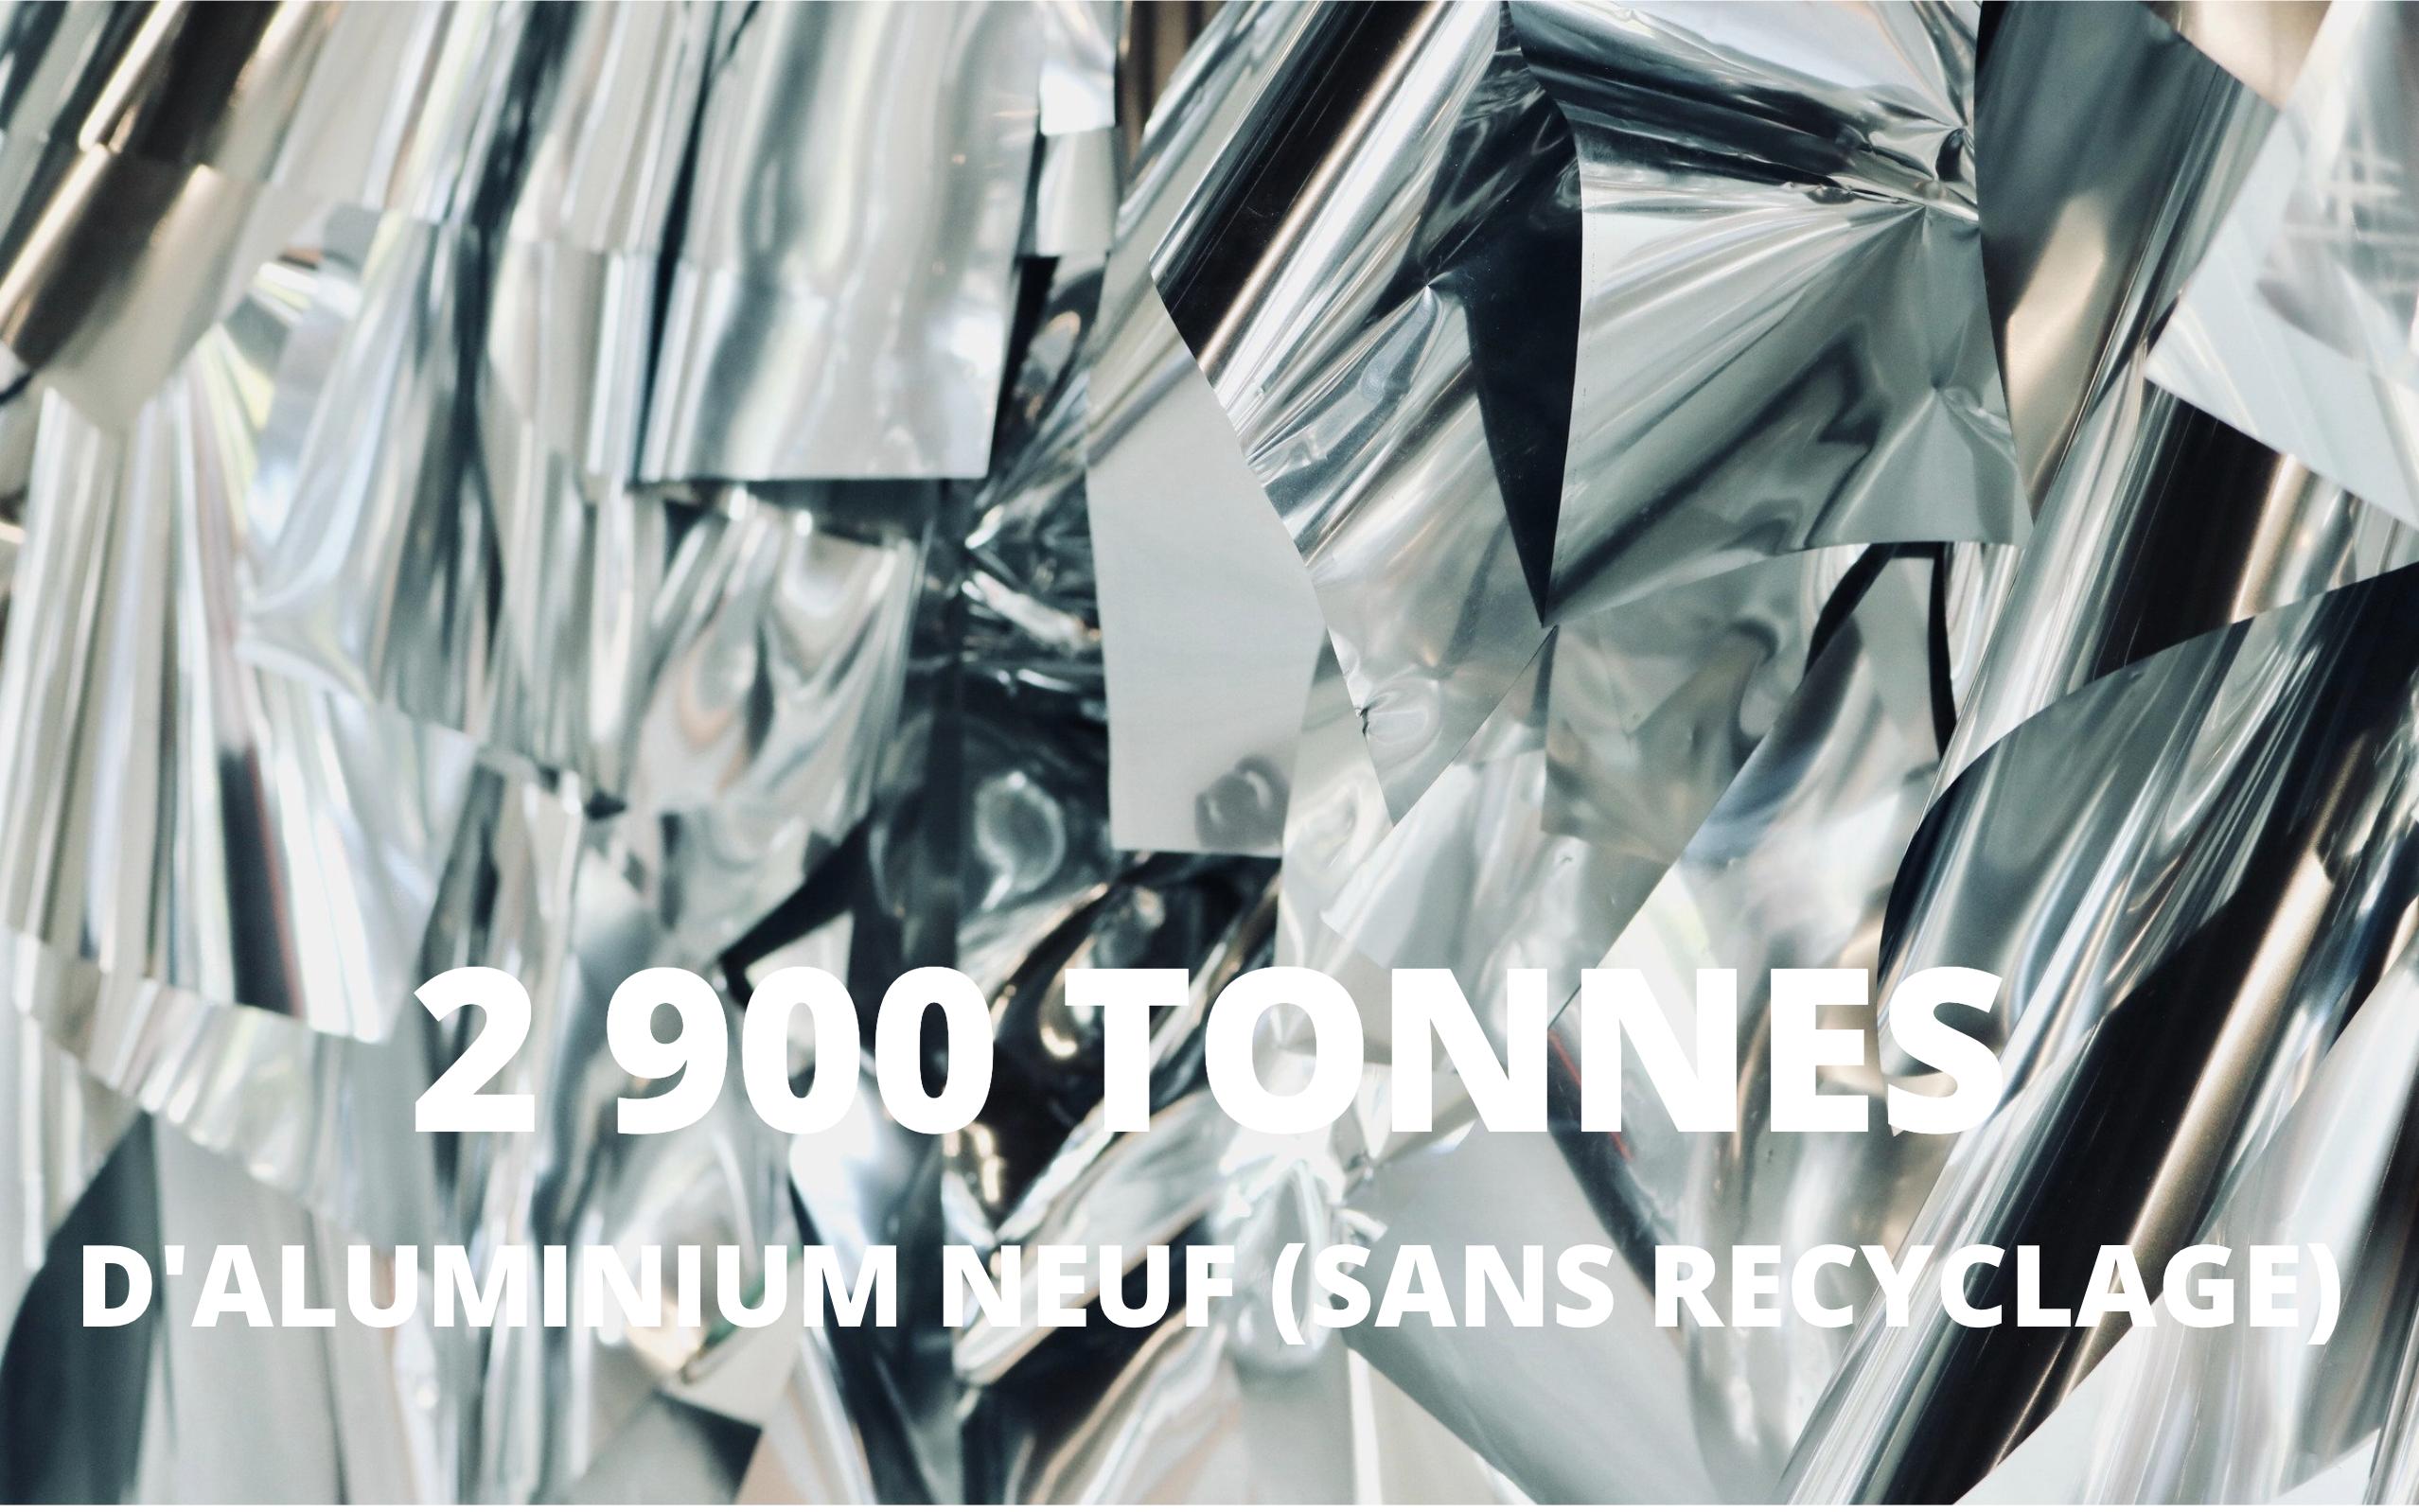 2900 T d'aluminium